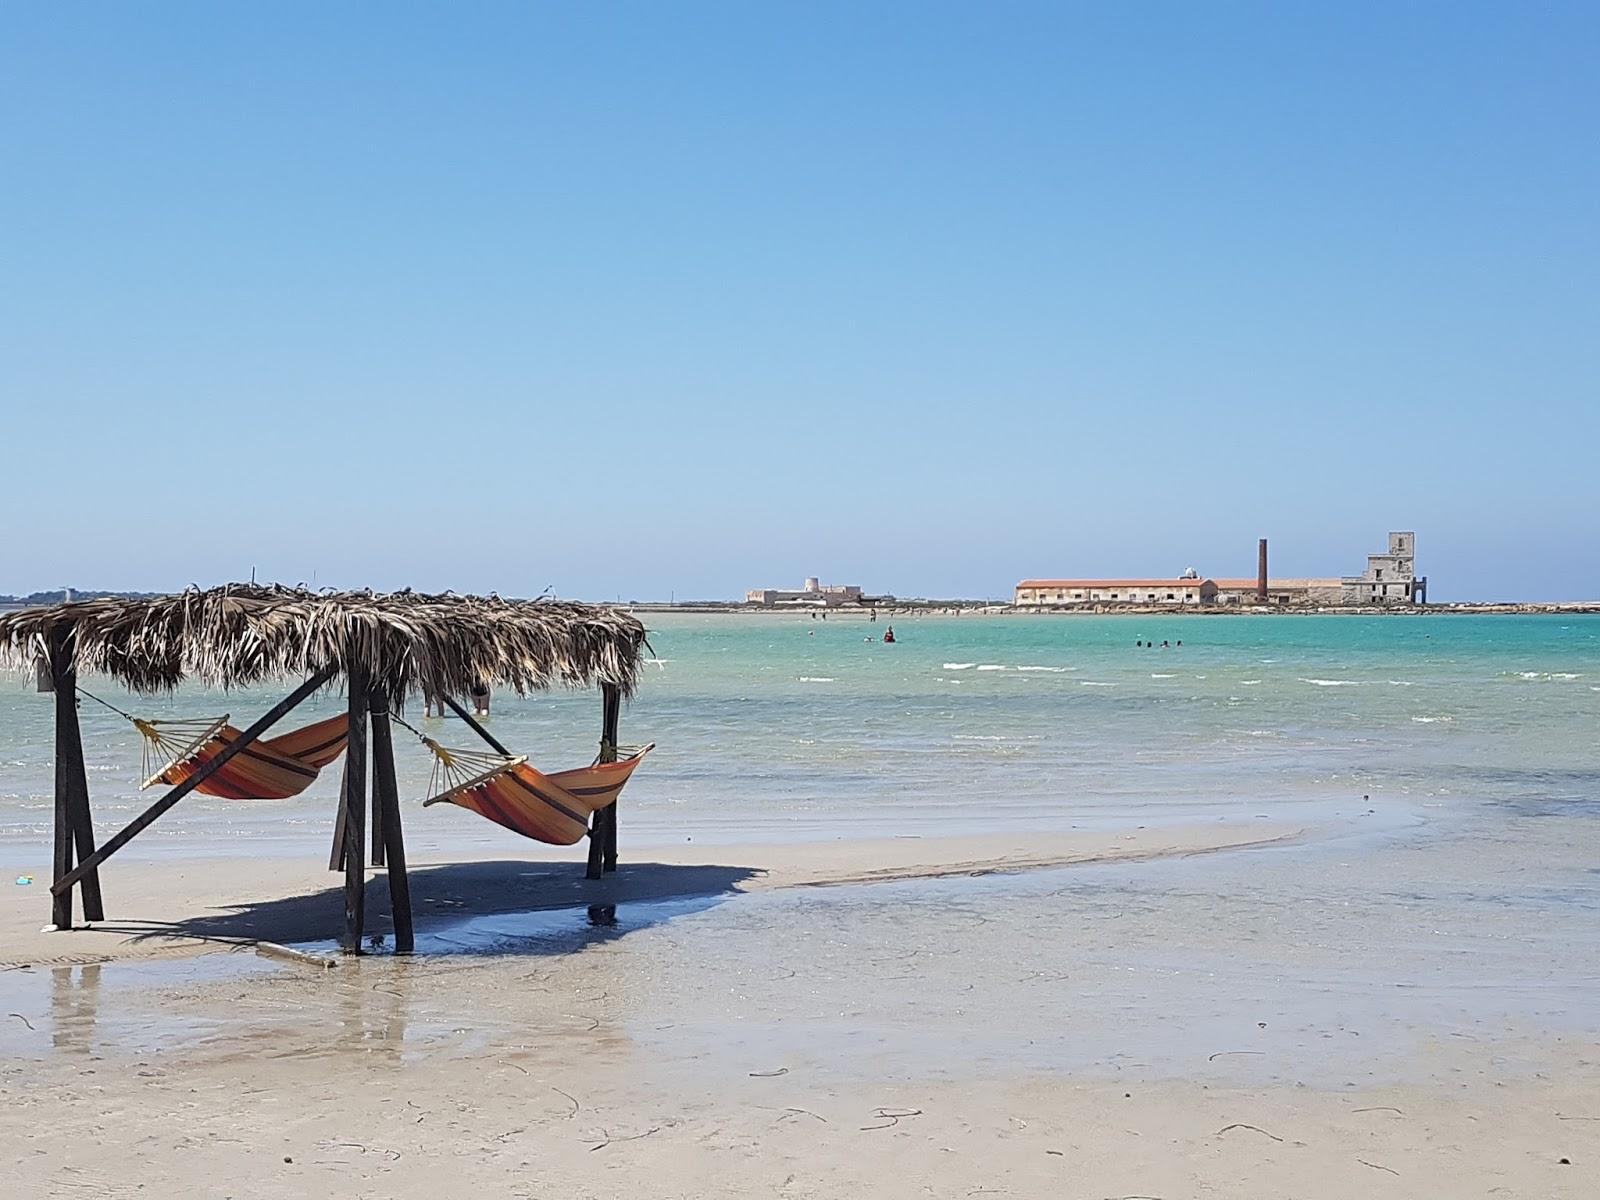 Spiaggia di san teodoro a marsala come fare scappare i for Disegni moderni della casa sulla spiaggia